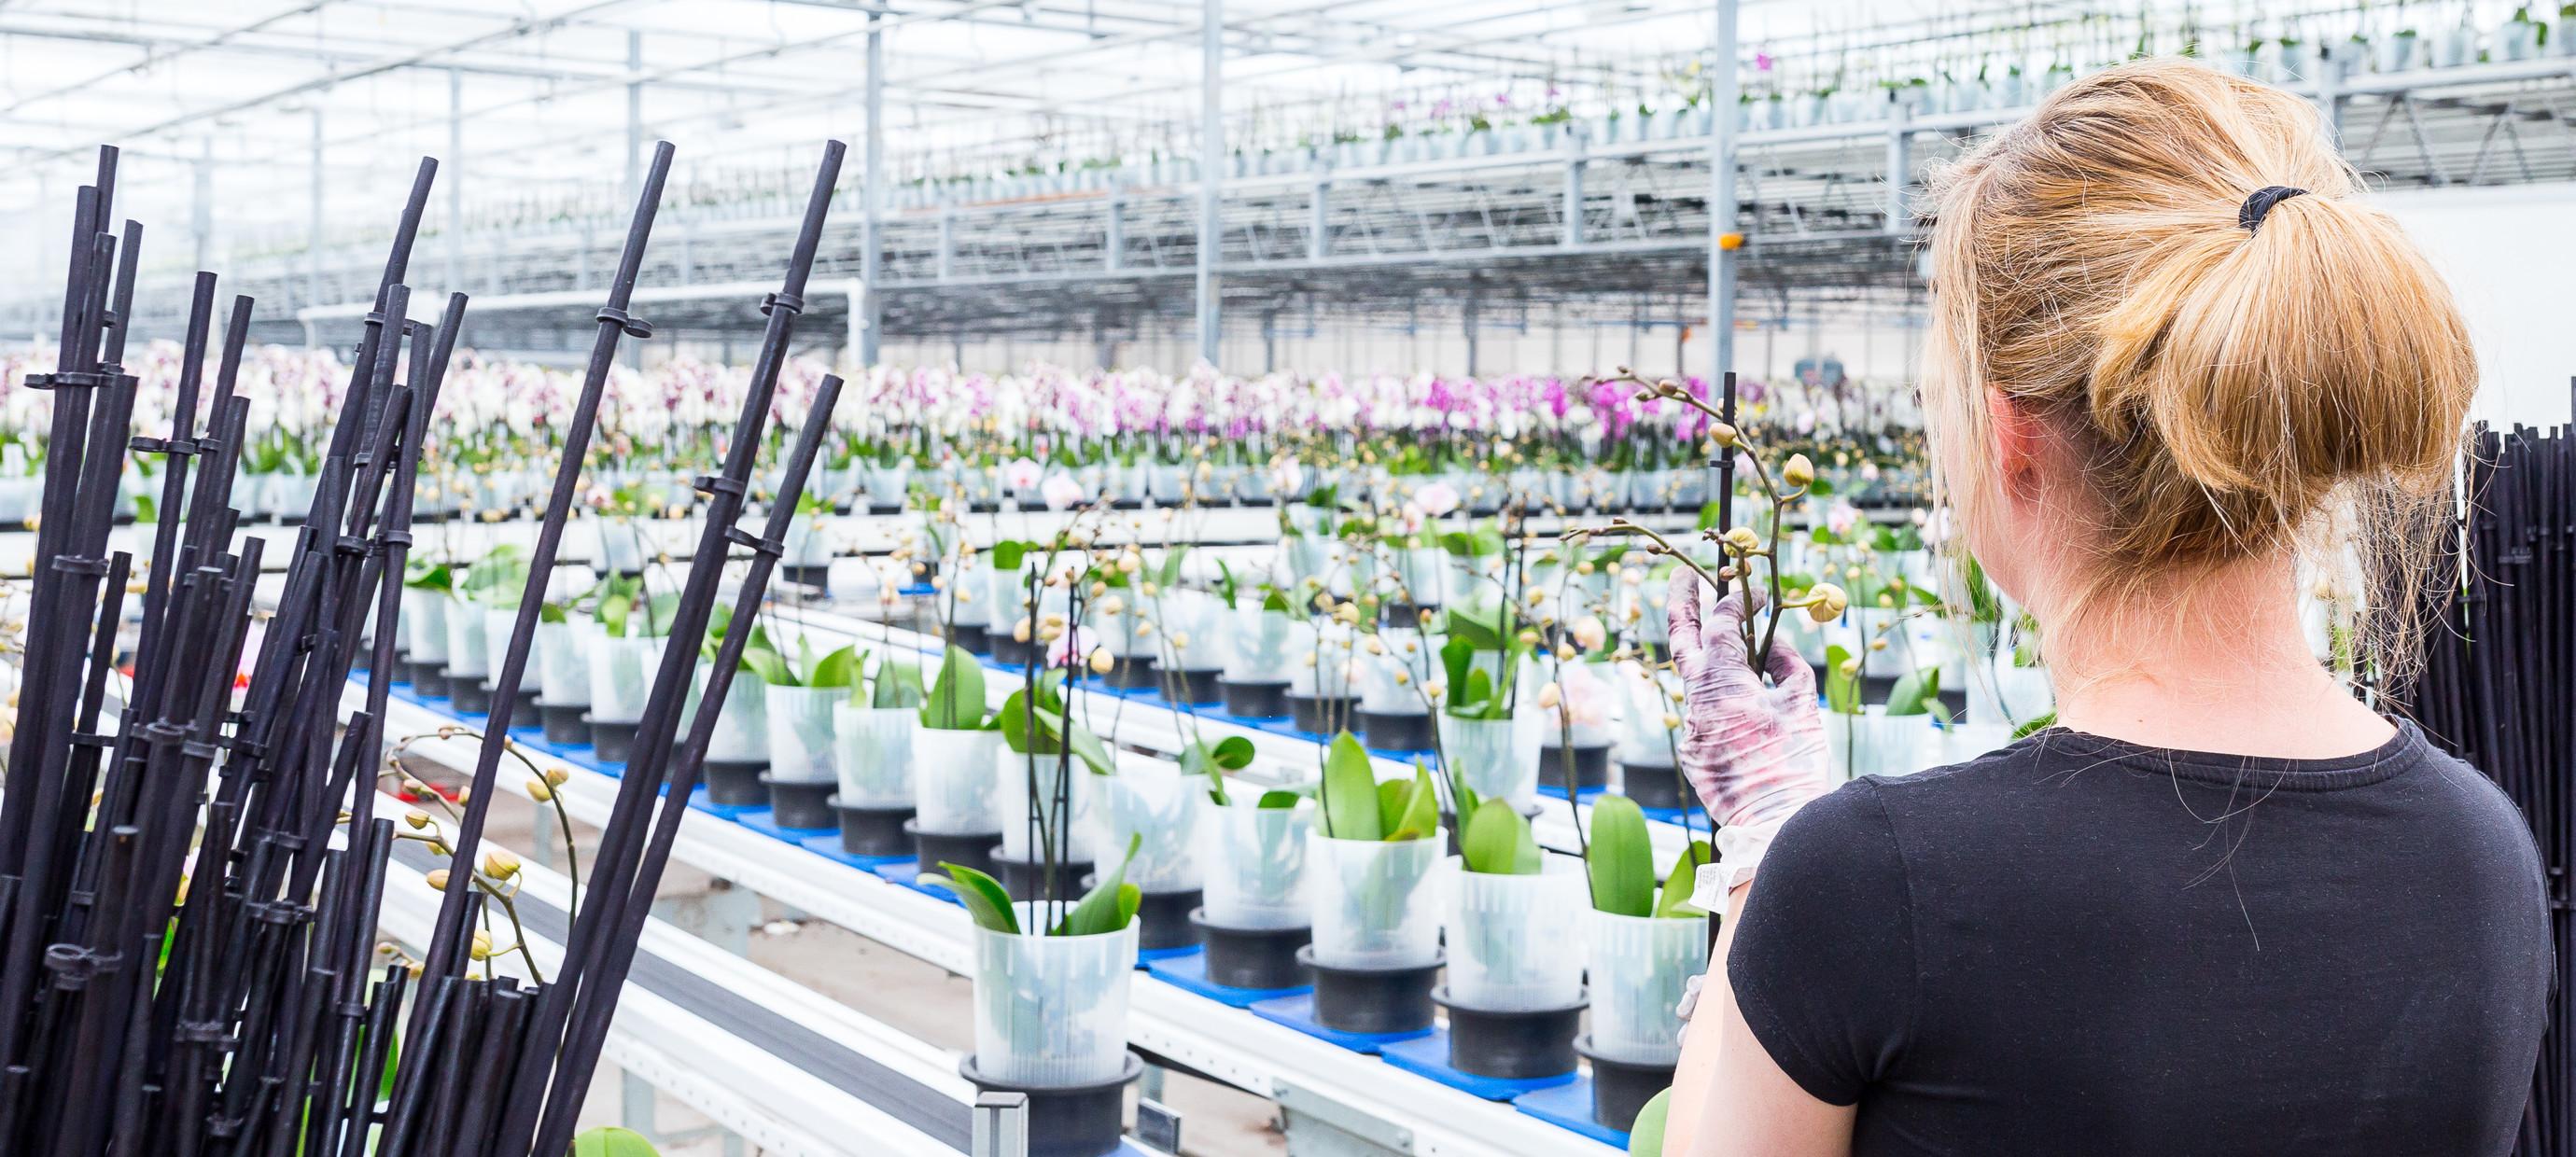 Een kijkje in onze orchideeën kwekerij